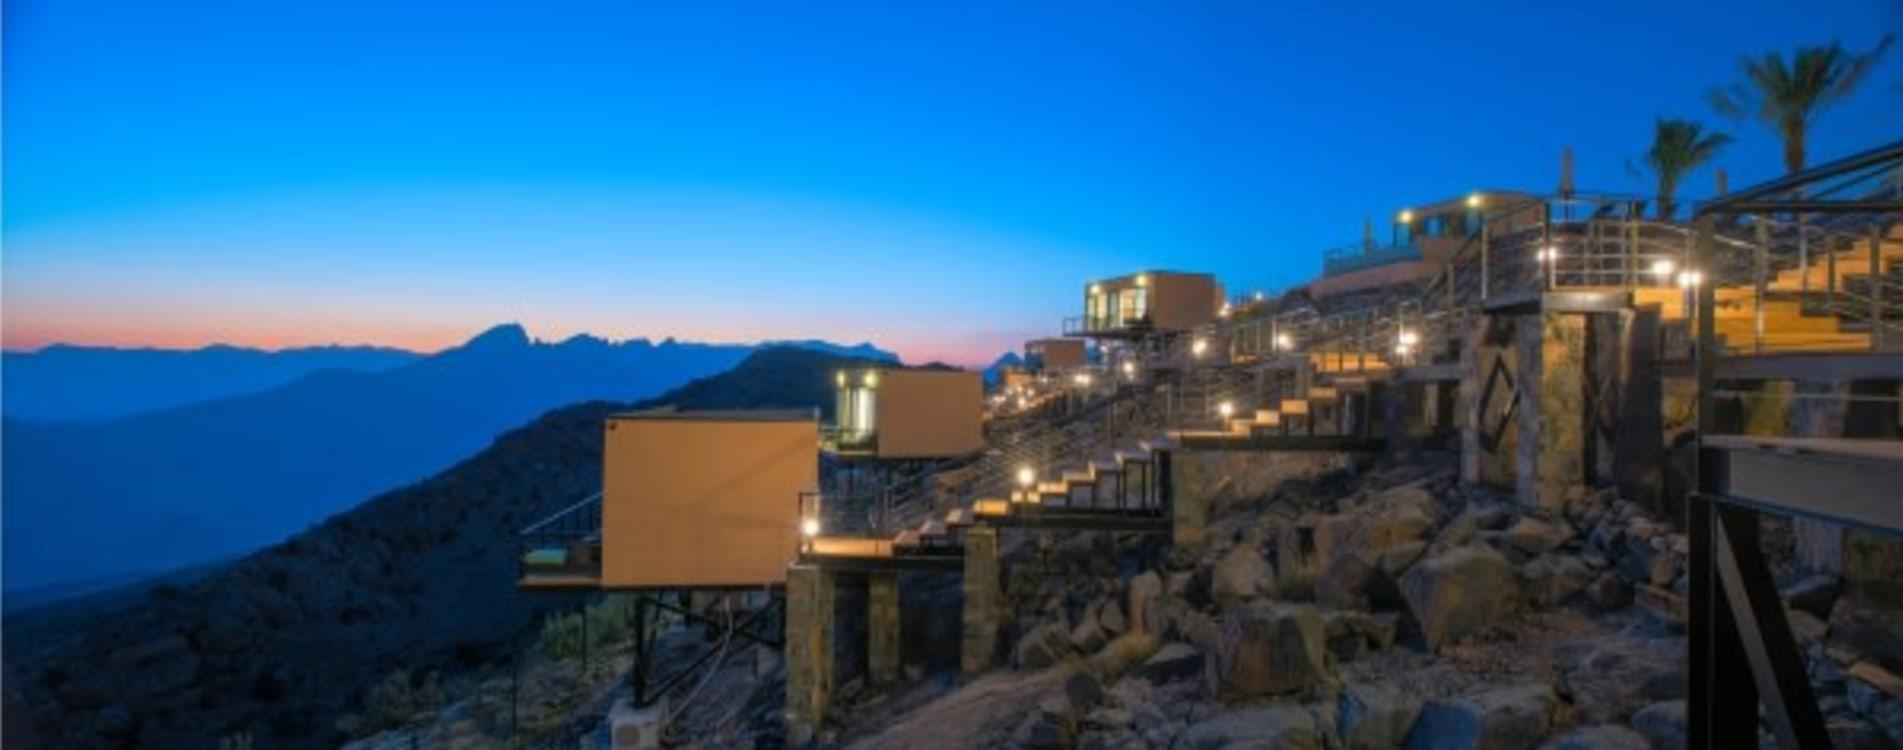 The-View-Oman-Exterior-Aussicht-Nacht.jpg